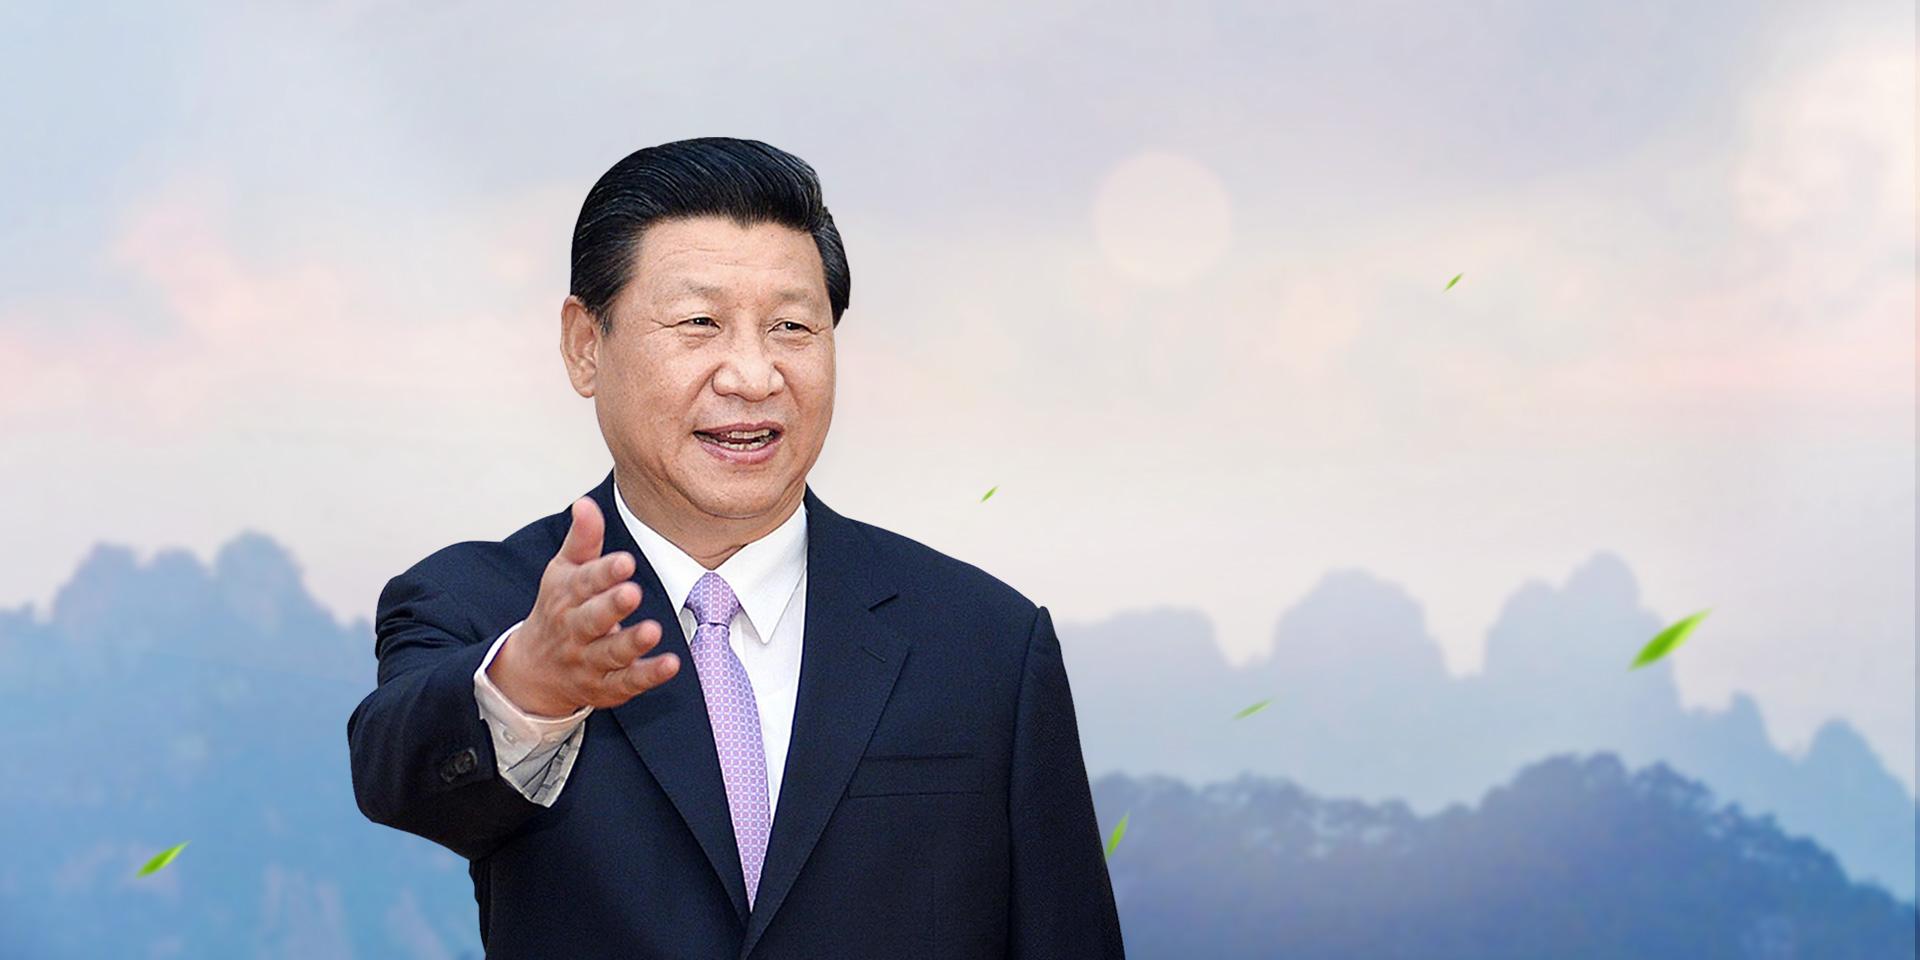 推動京津冀協同發展是一個重大國家戰略。